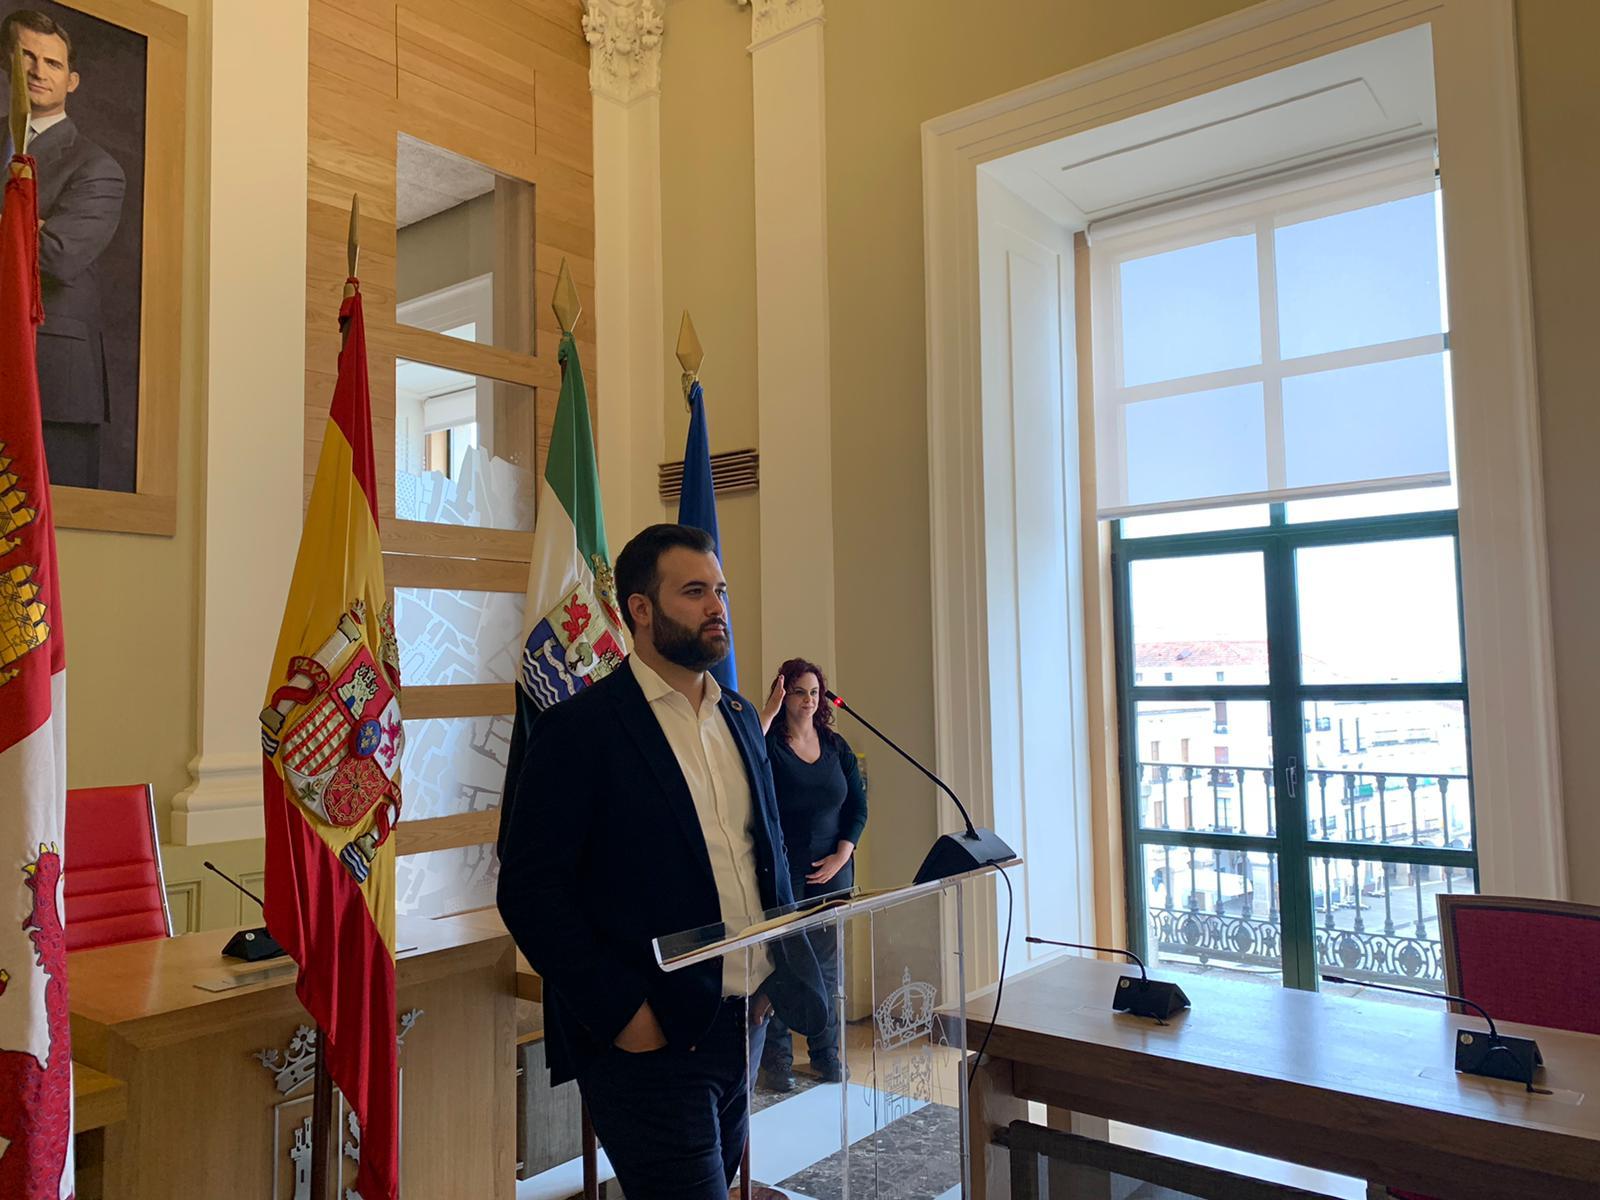 El autobús urbano de Cáceres será gratuito durante el estado de alarma a partir de mañana miércoles